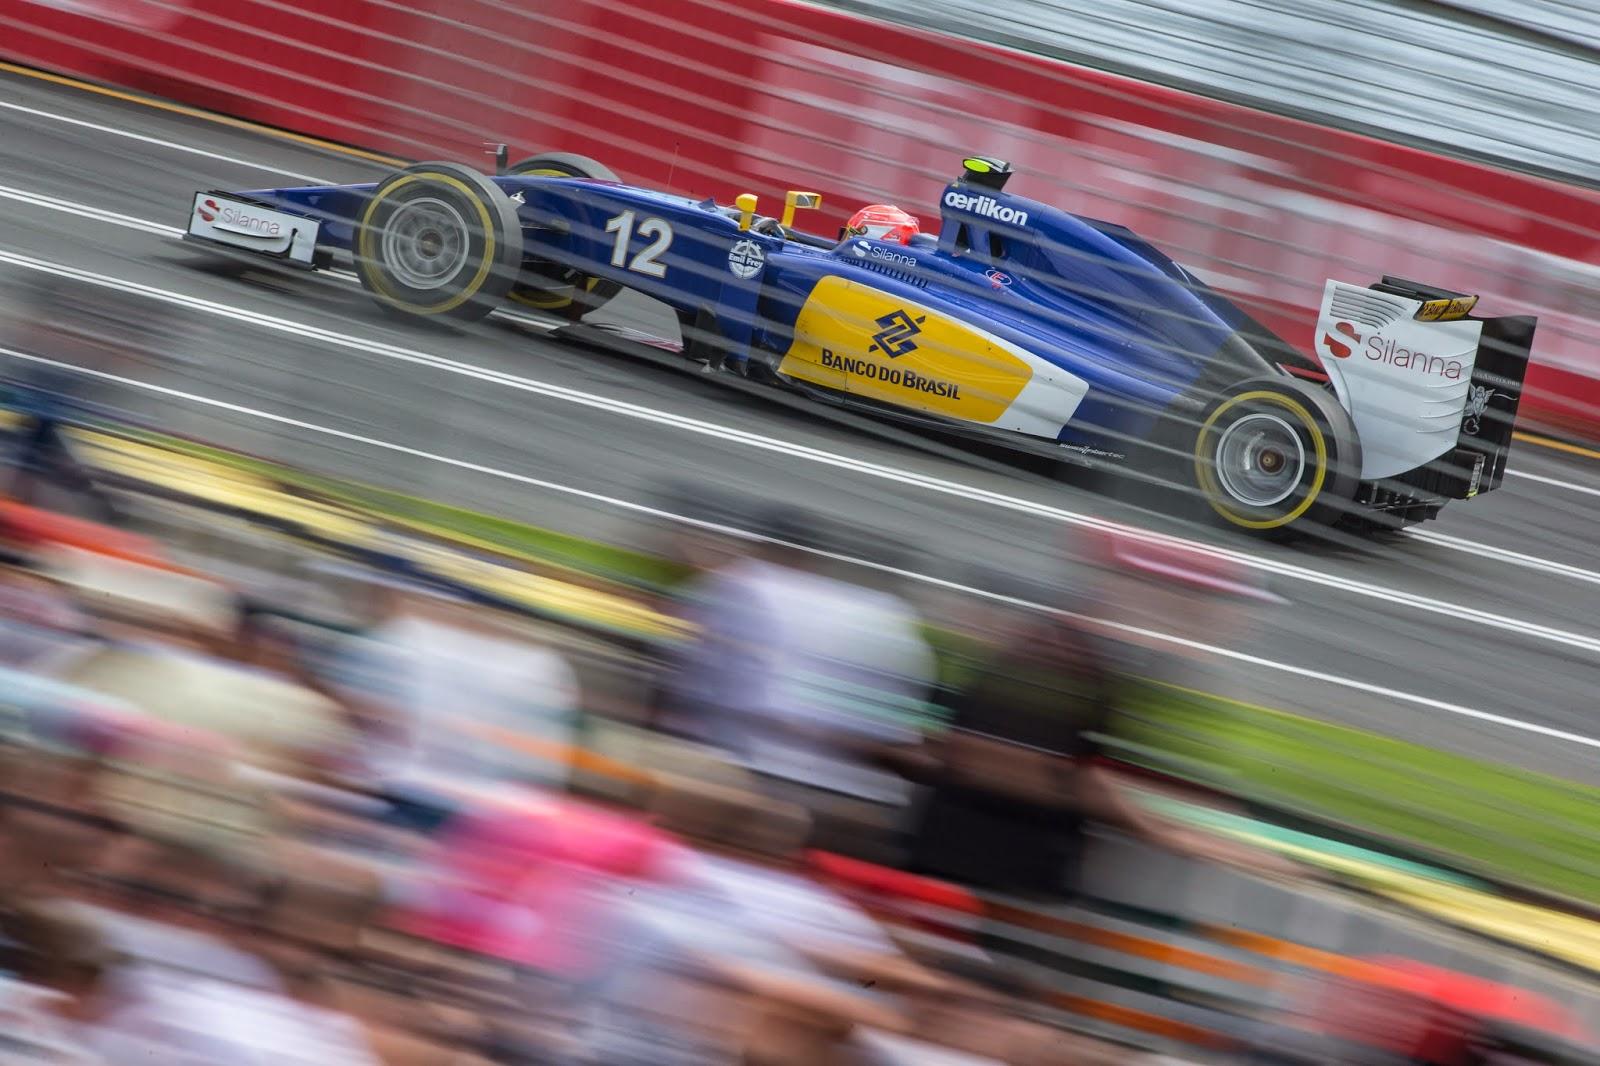 Equipes de Formula 1  - Sauber - itcracing.blogspot.com